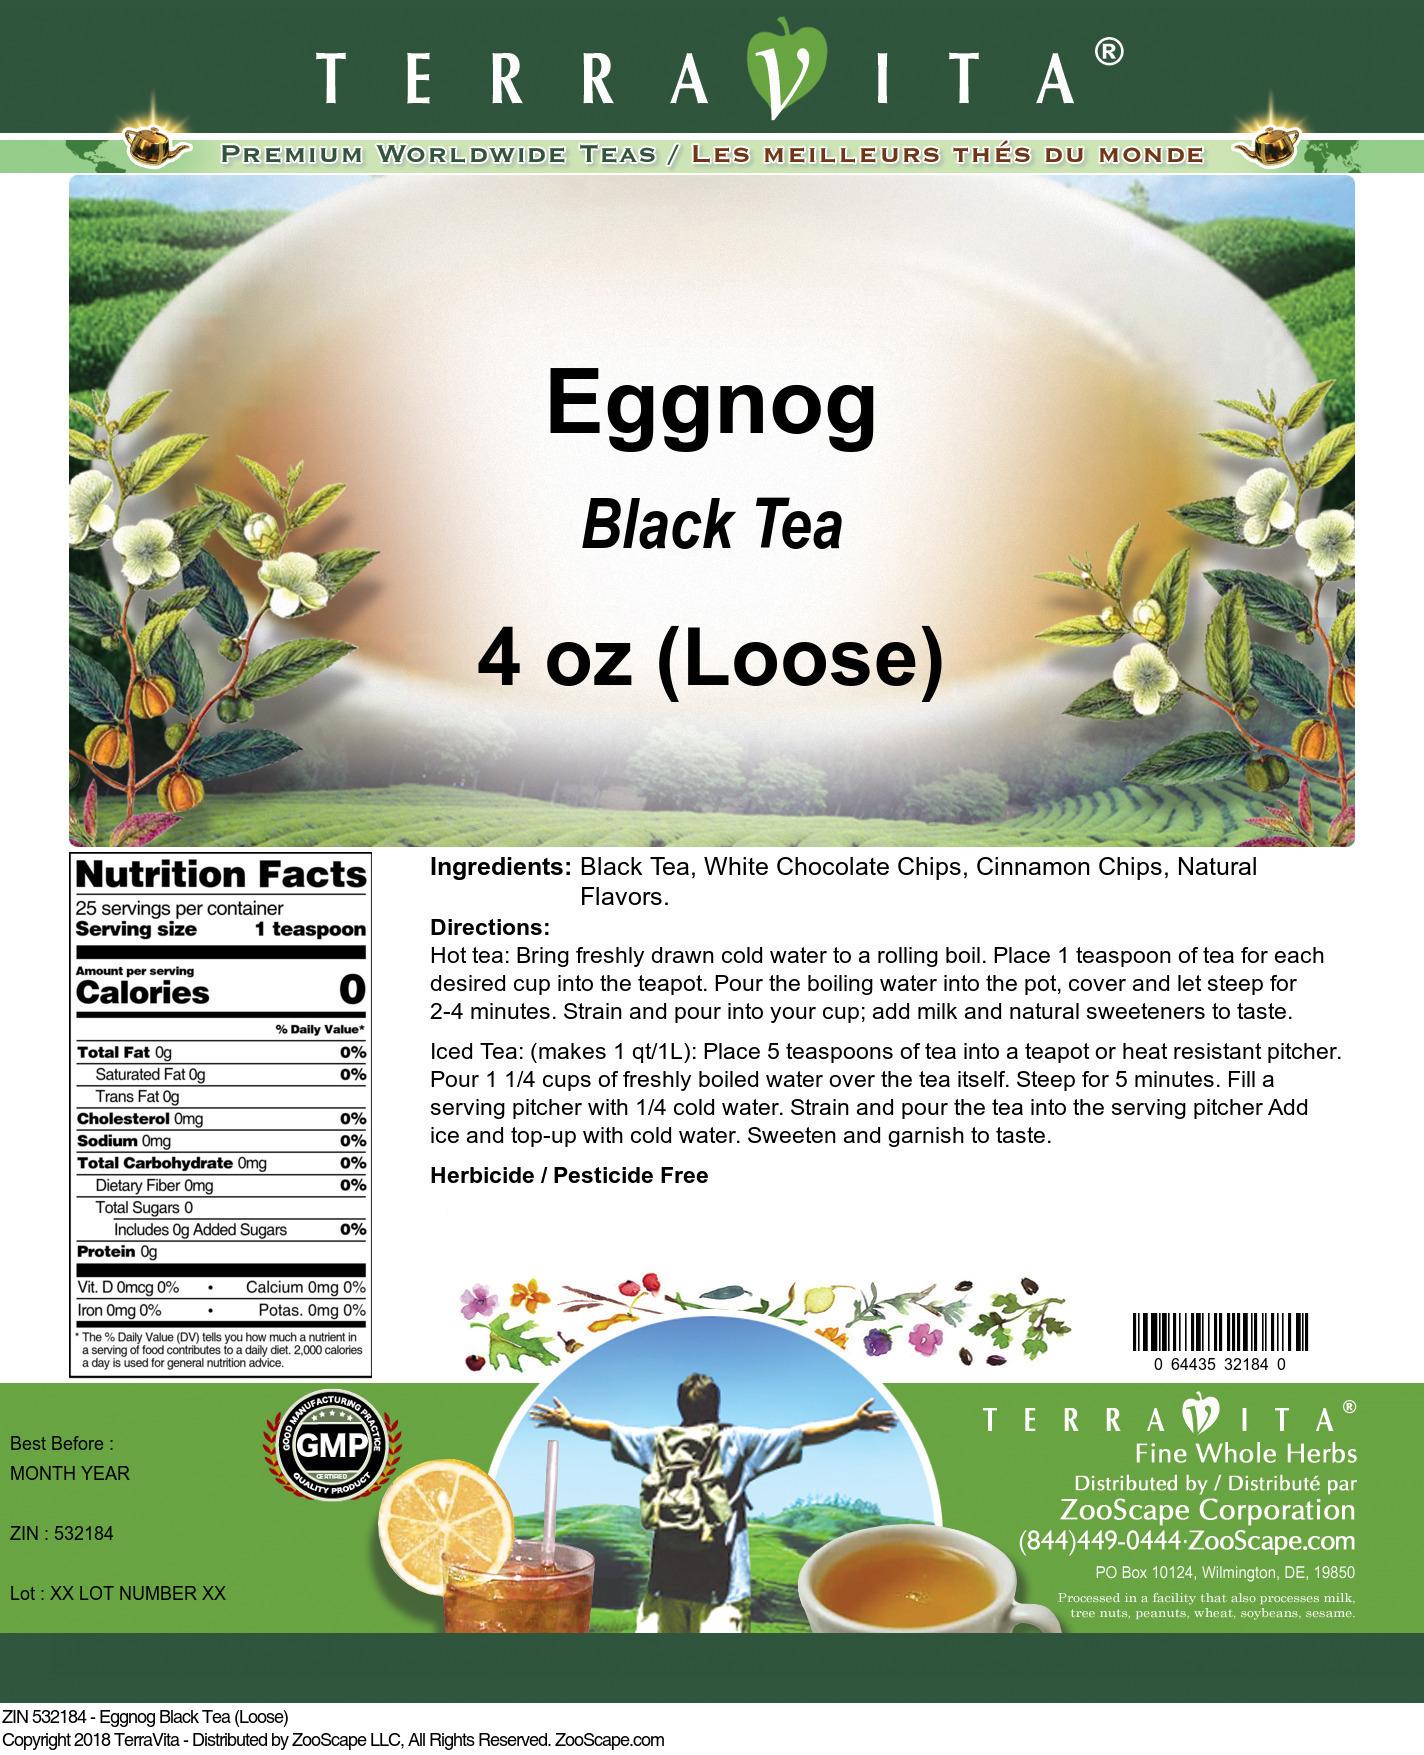 Eggnog Black Tea (Loose)